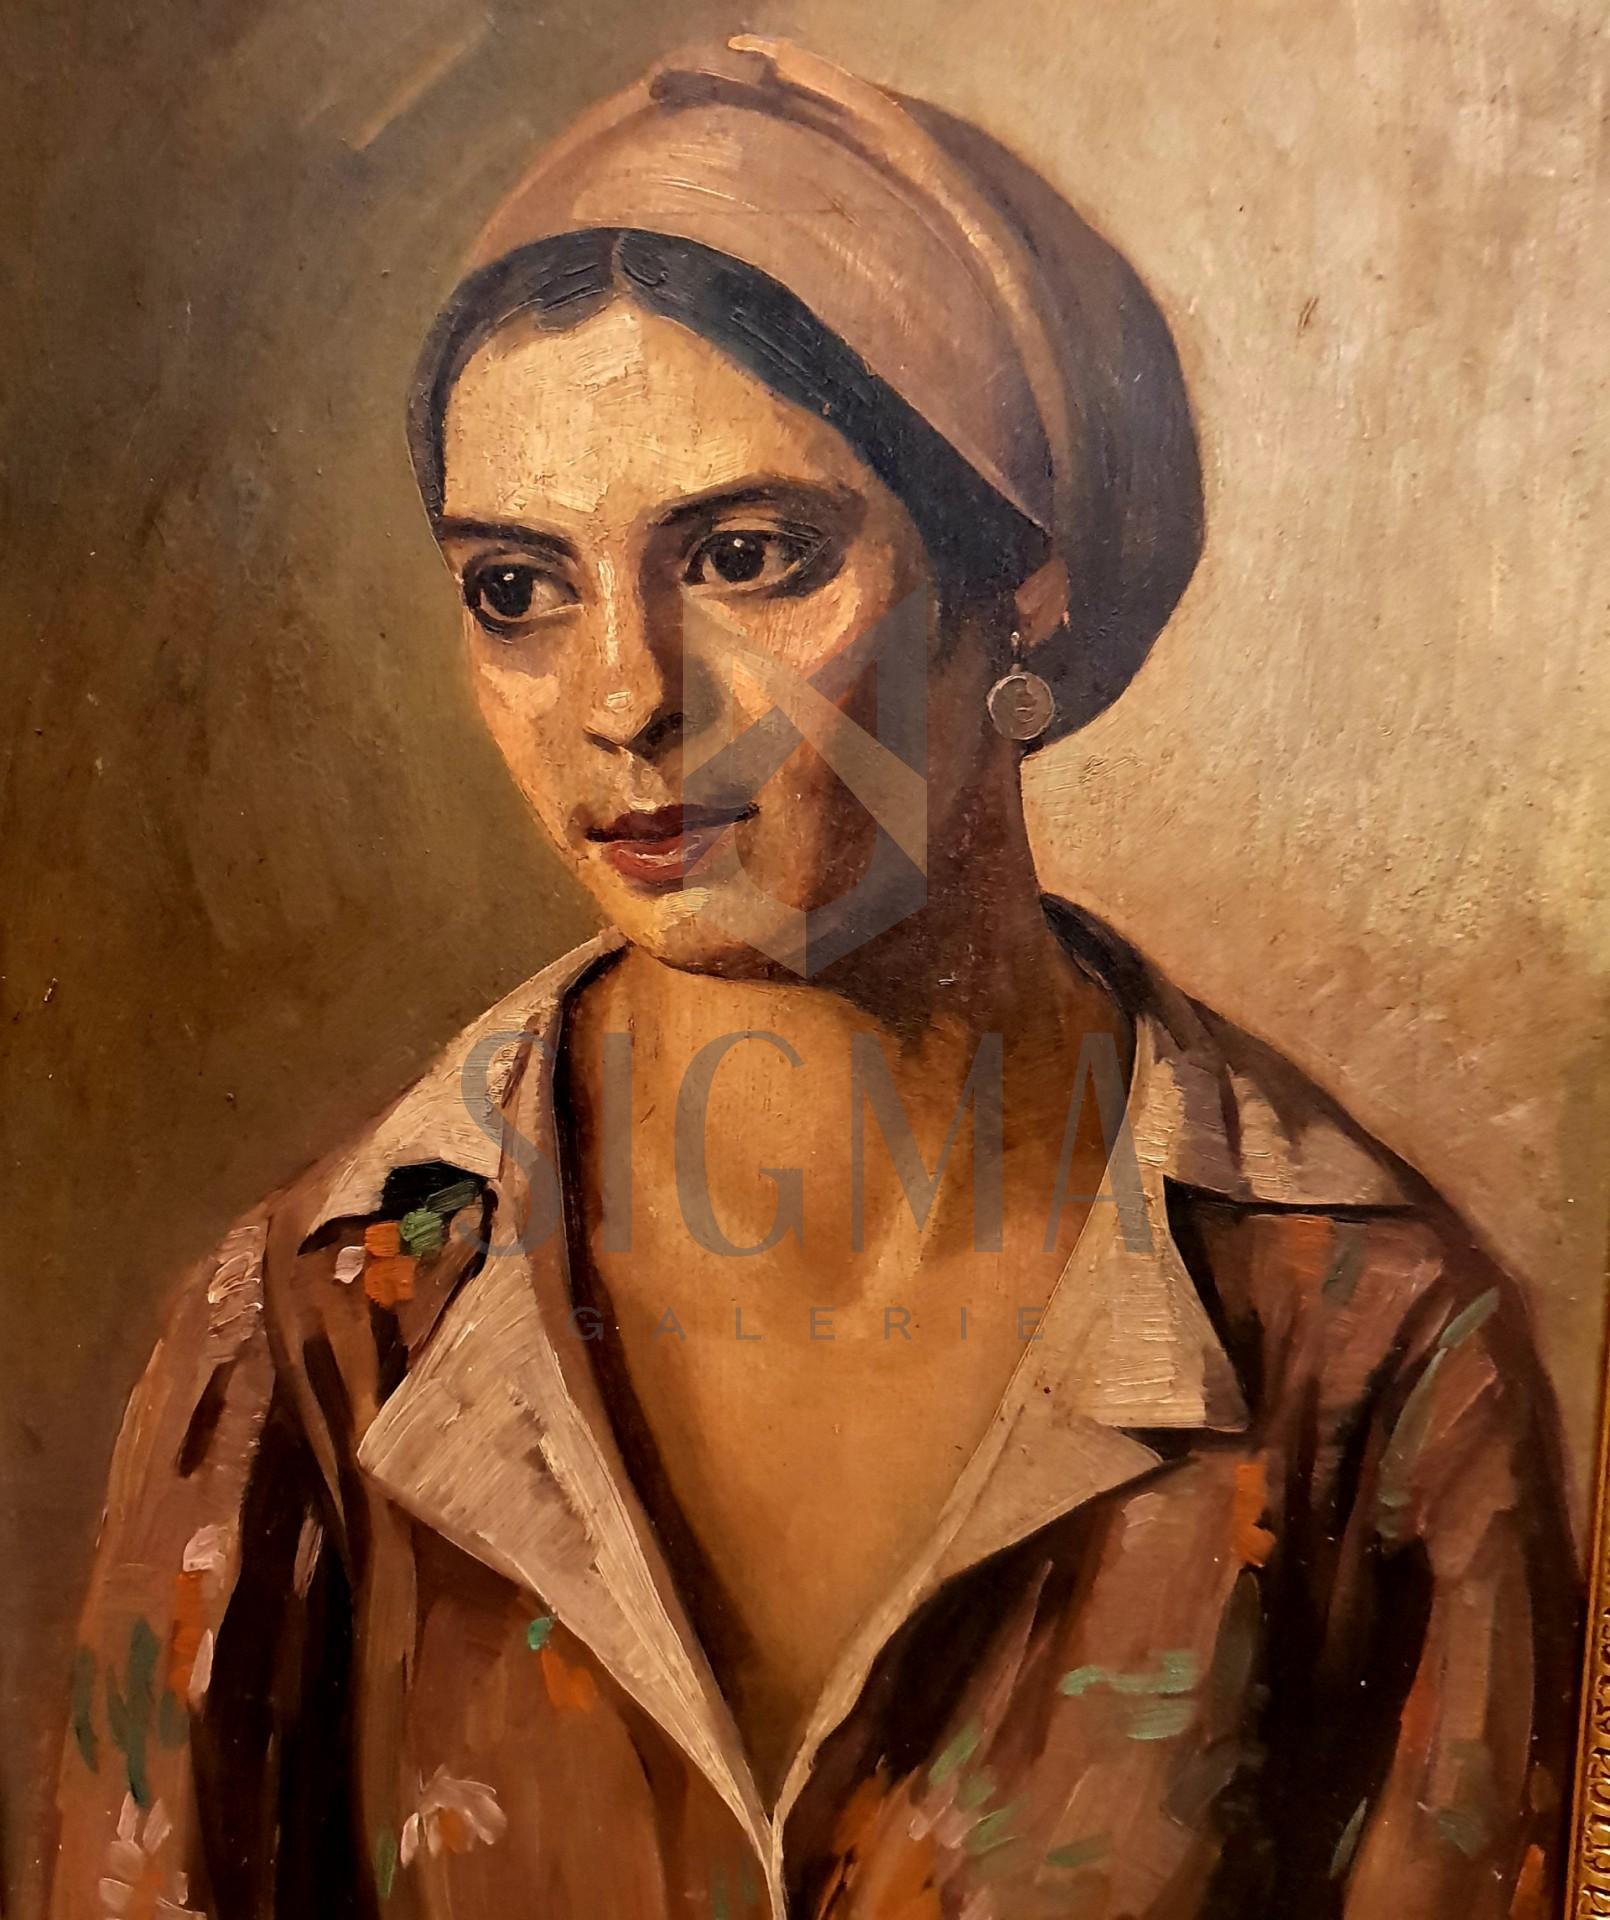 """Tablou, Petre Bulgaras (1884-1939) """"Portret de femeie"""", datat 1937, ulei pe carton, 70 x 50 cm, semnat si datat dreapta jos, cu ocru."""